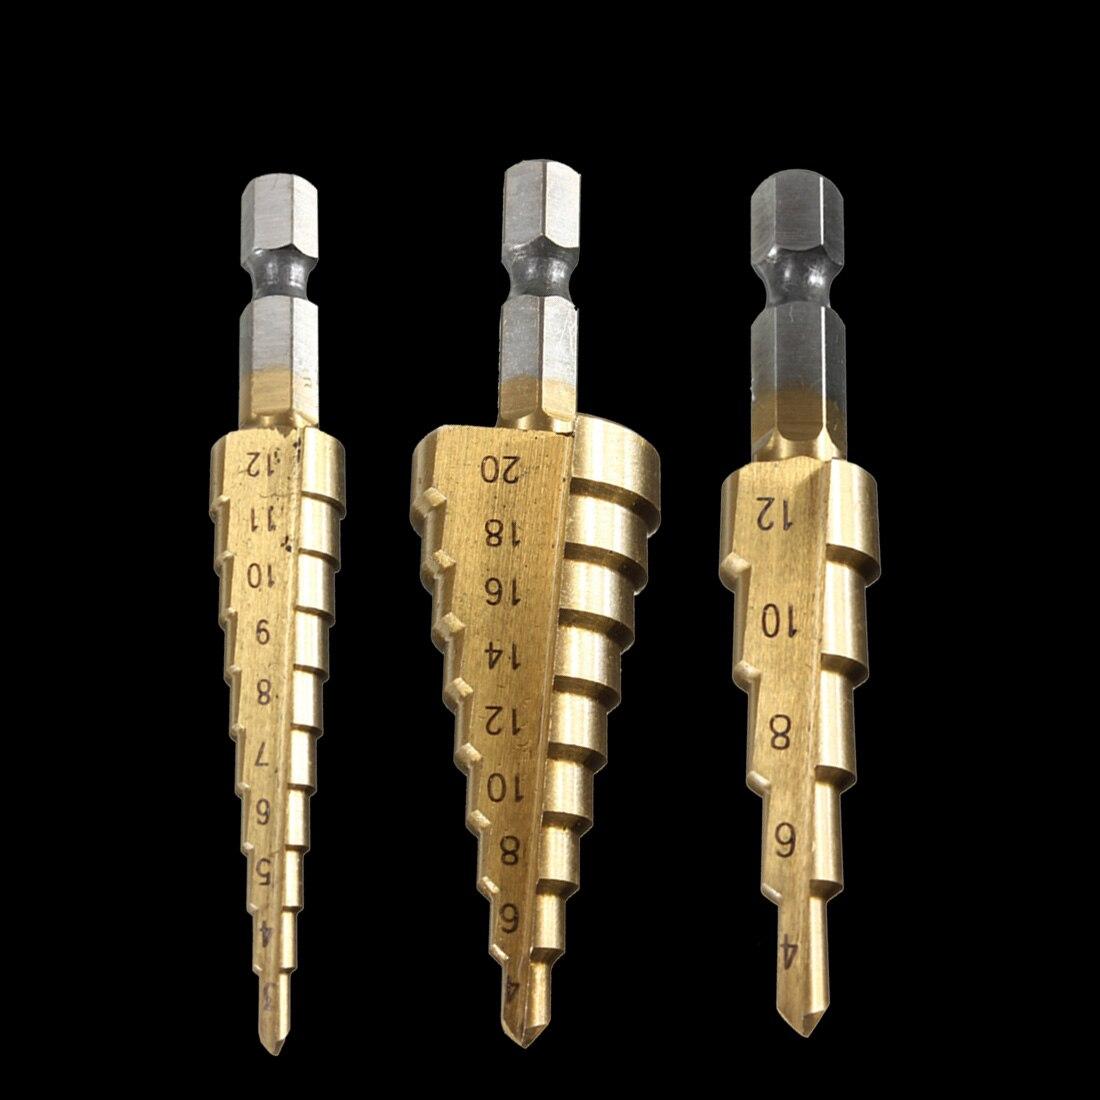 3pcs High Speed Steel Wood Drilling Power Tools 3-12mm 4-12mm 4-20mm HSS Titanium Coated Step Drill Bit